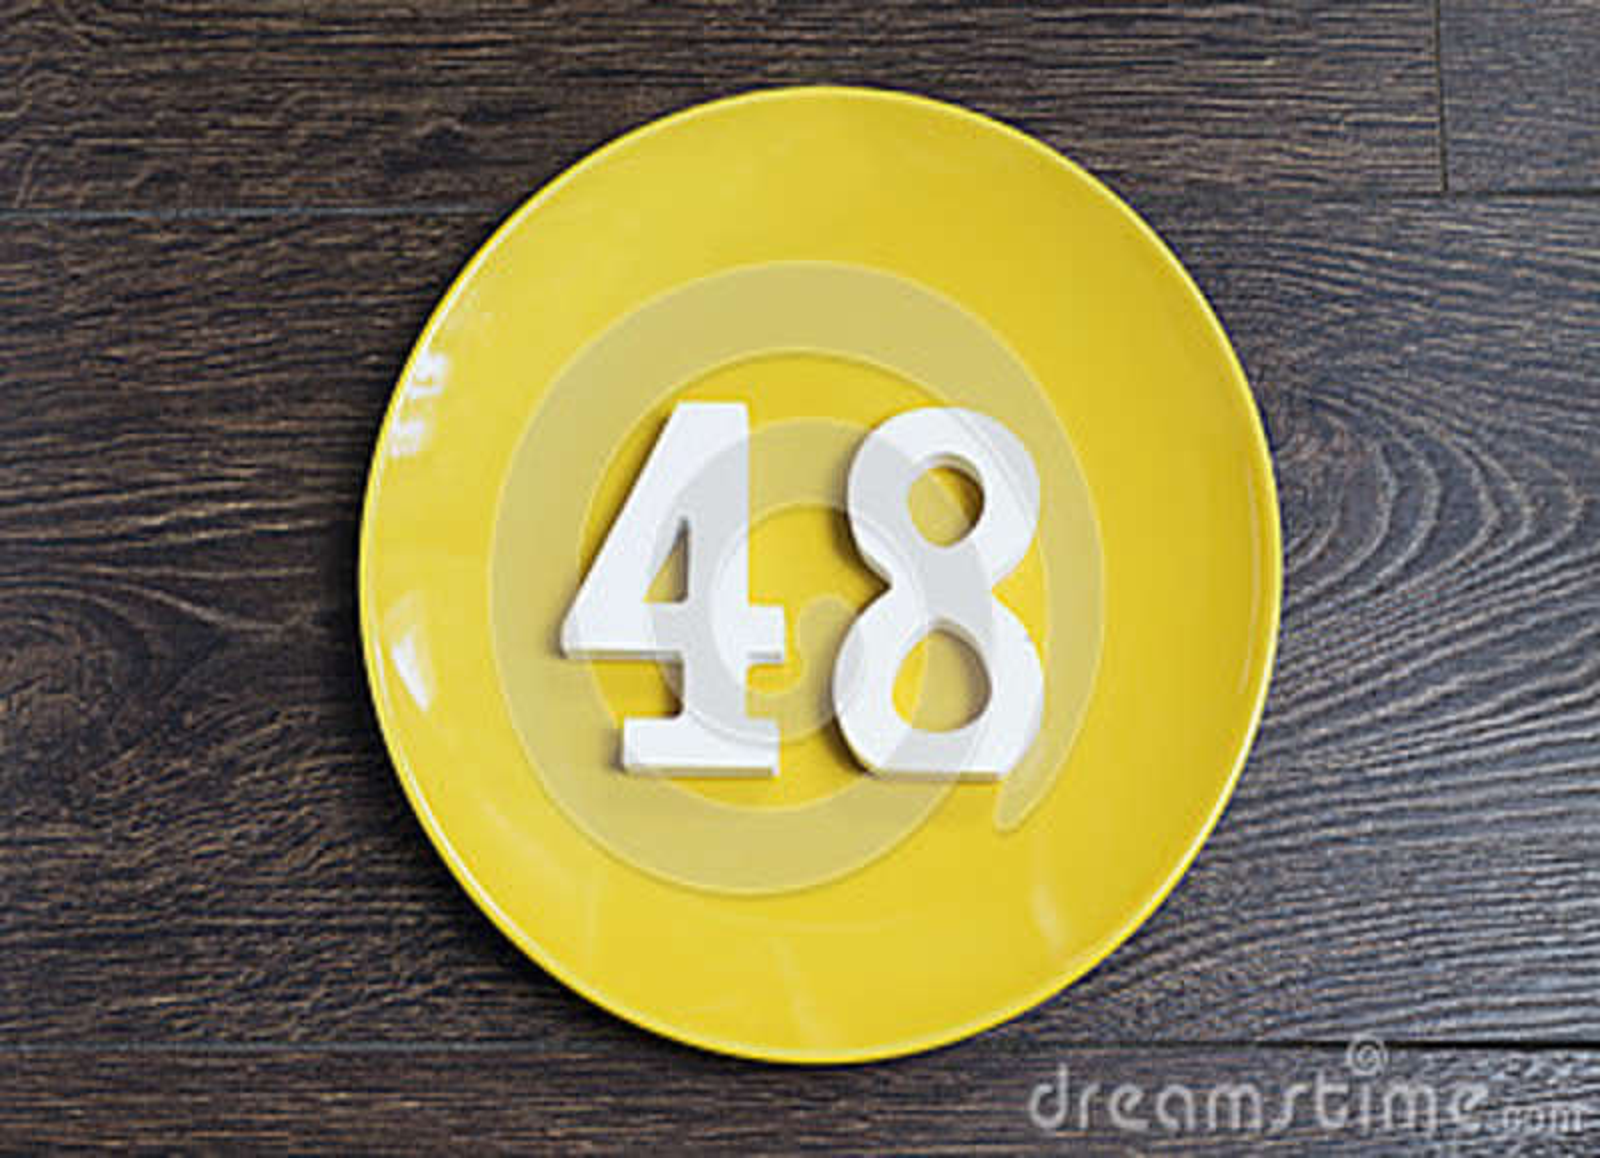 Liczba czterdzieści osiem na żółtym talerzu